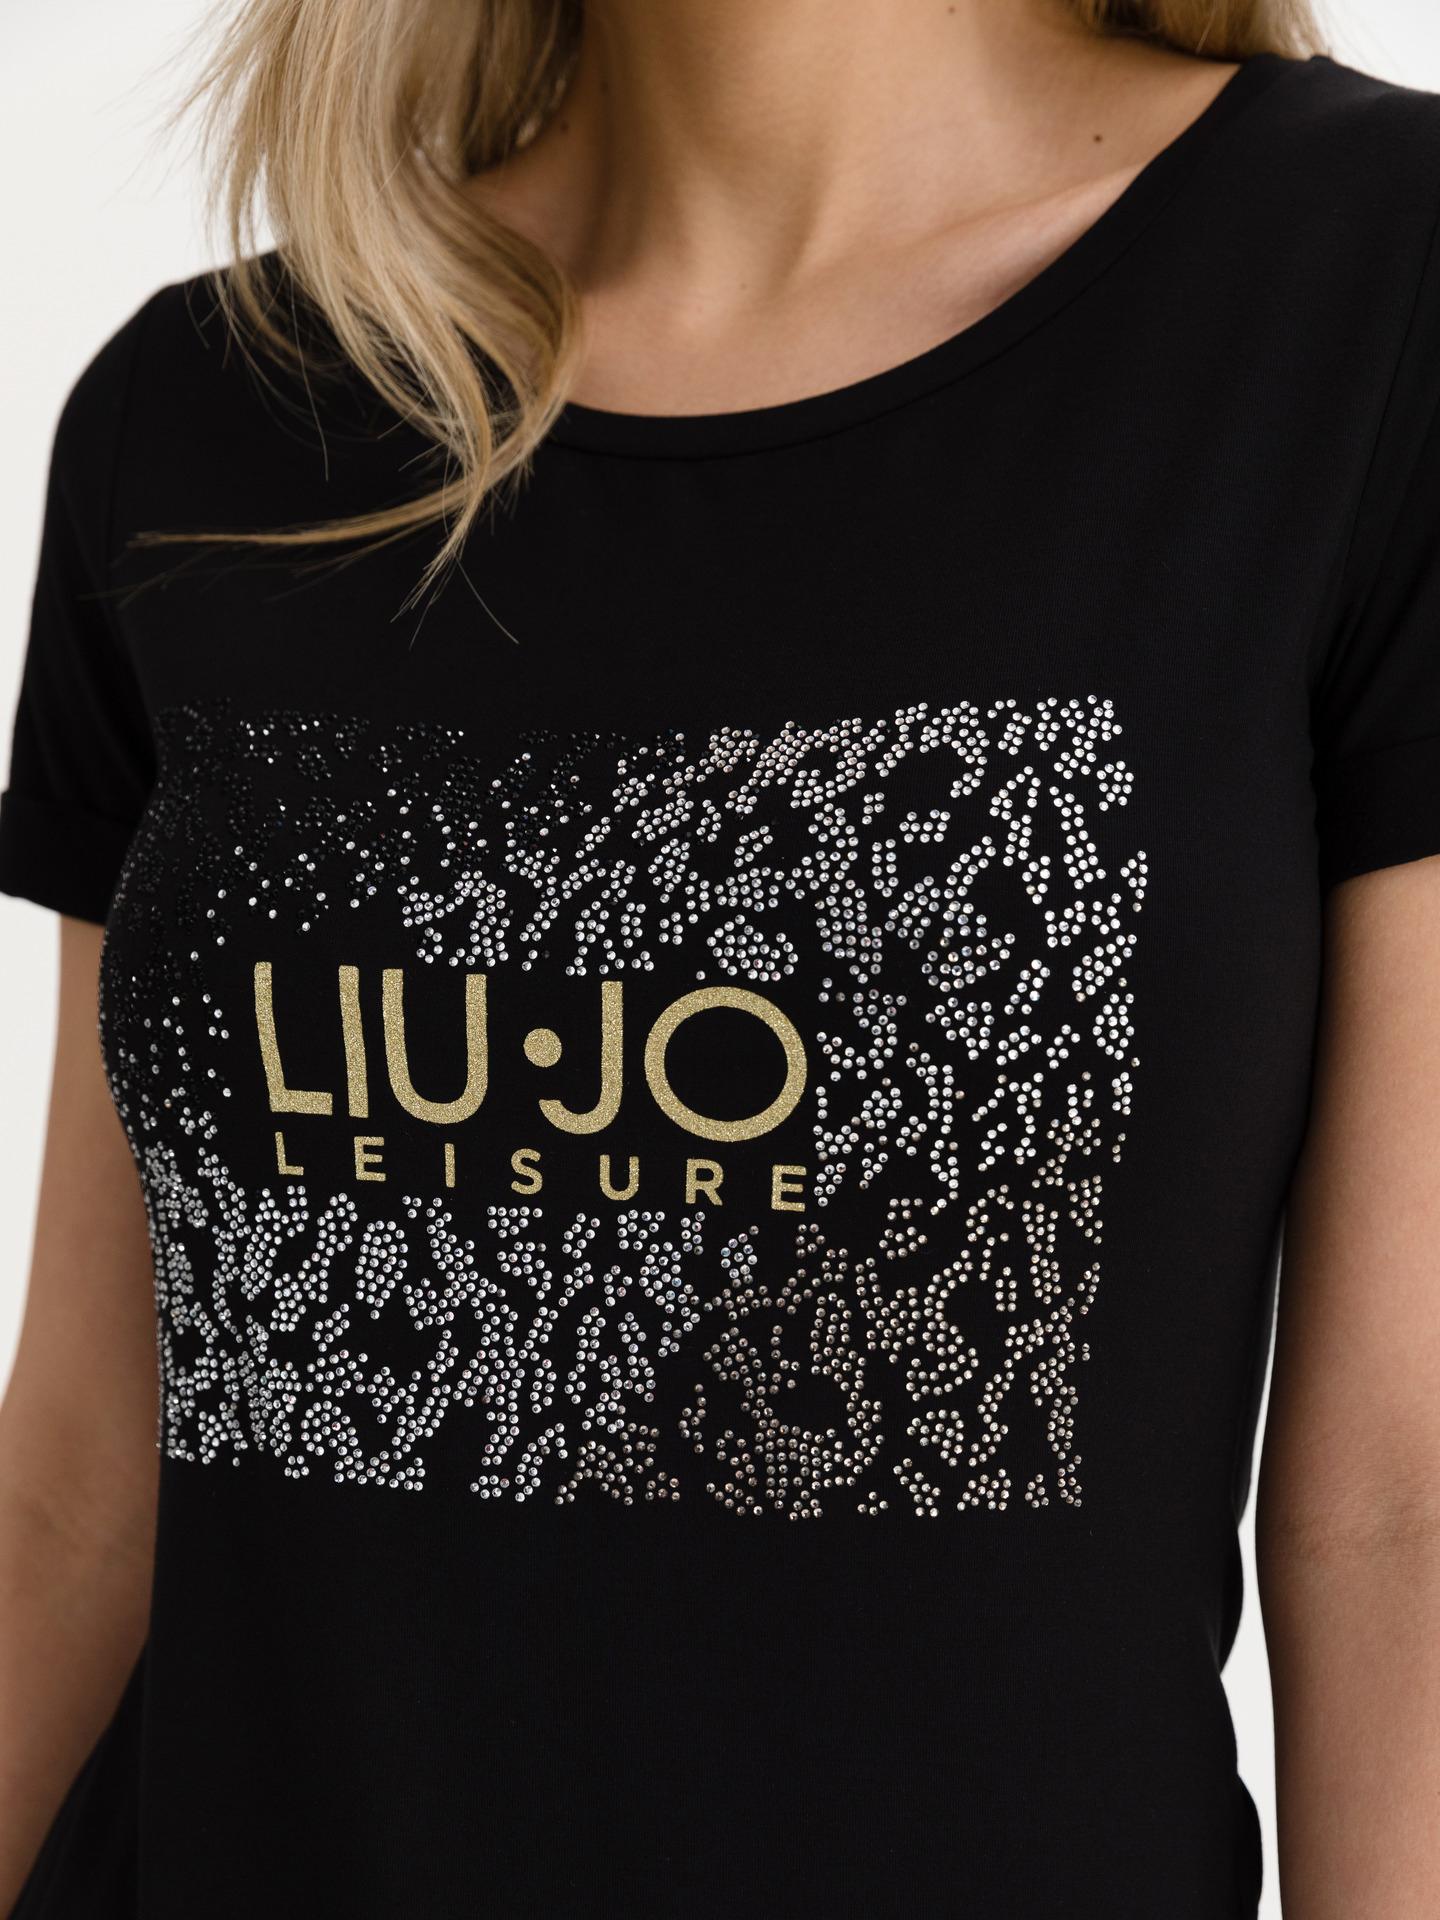 Liu Jo černé dámské tričko